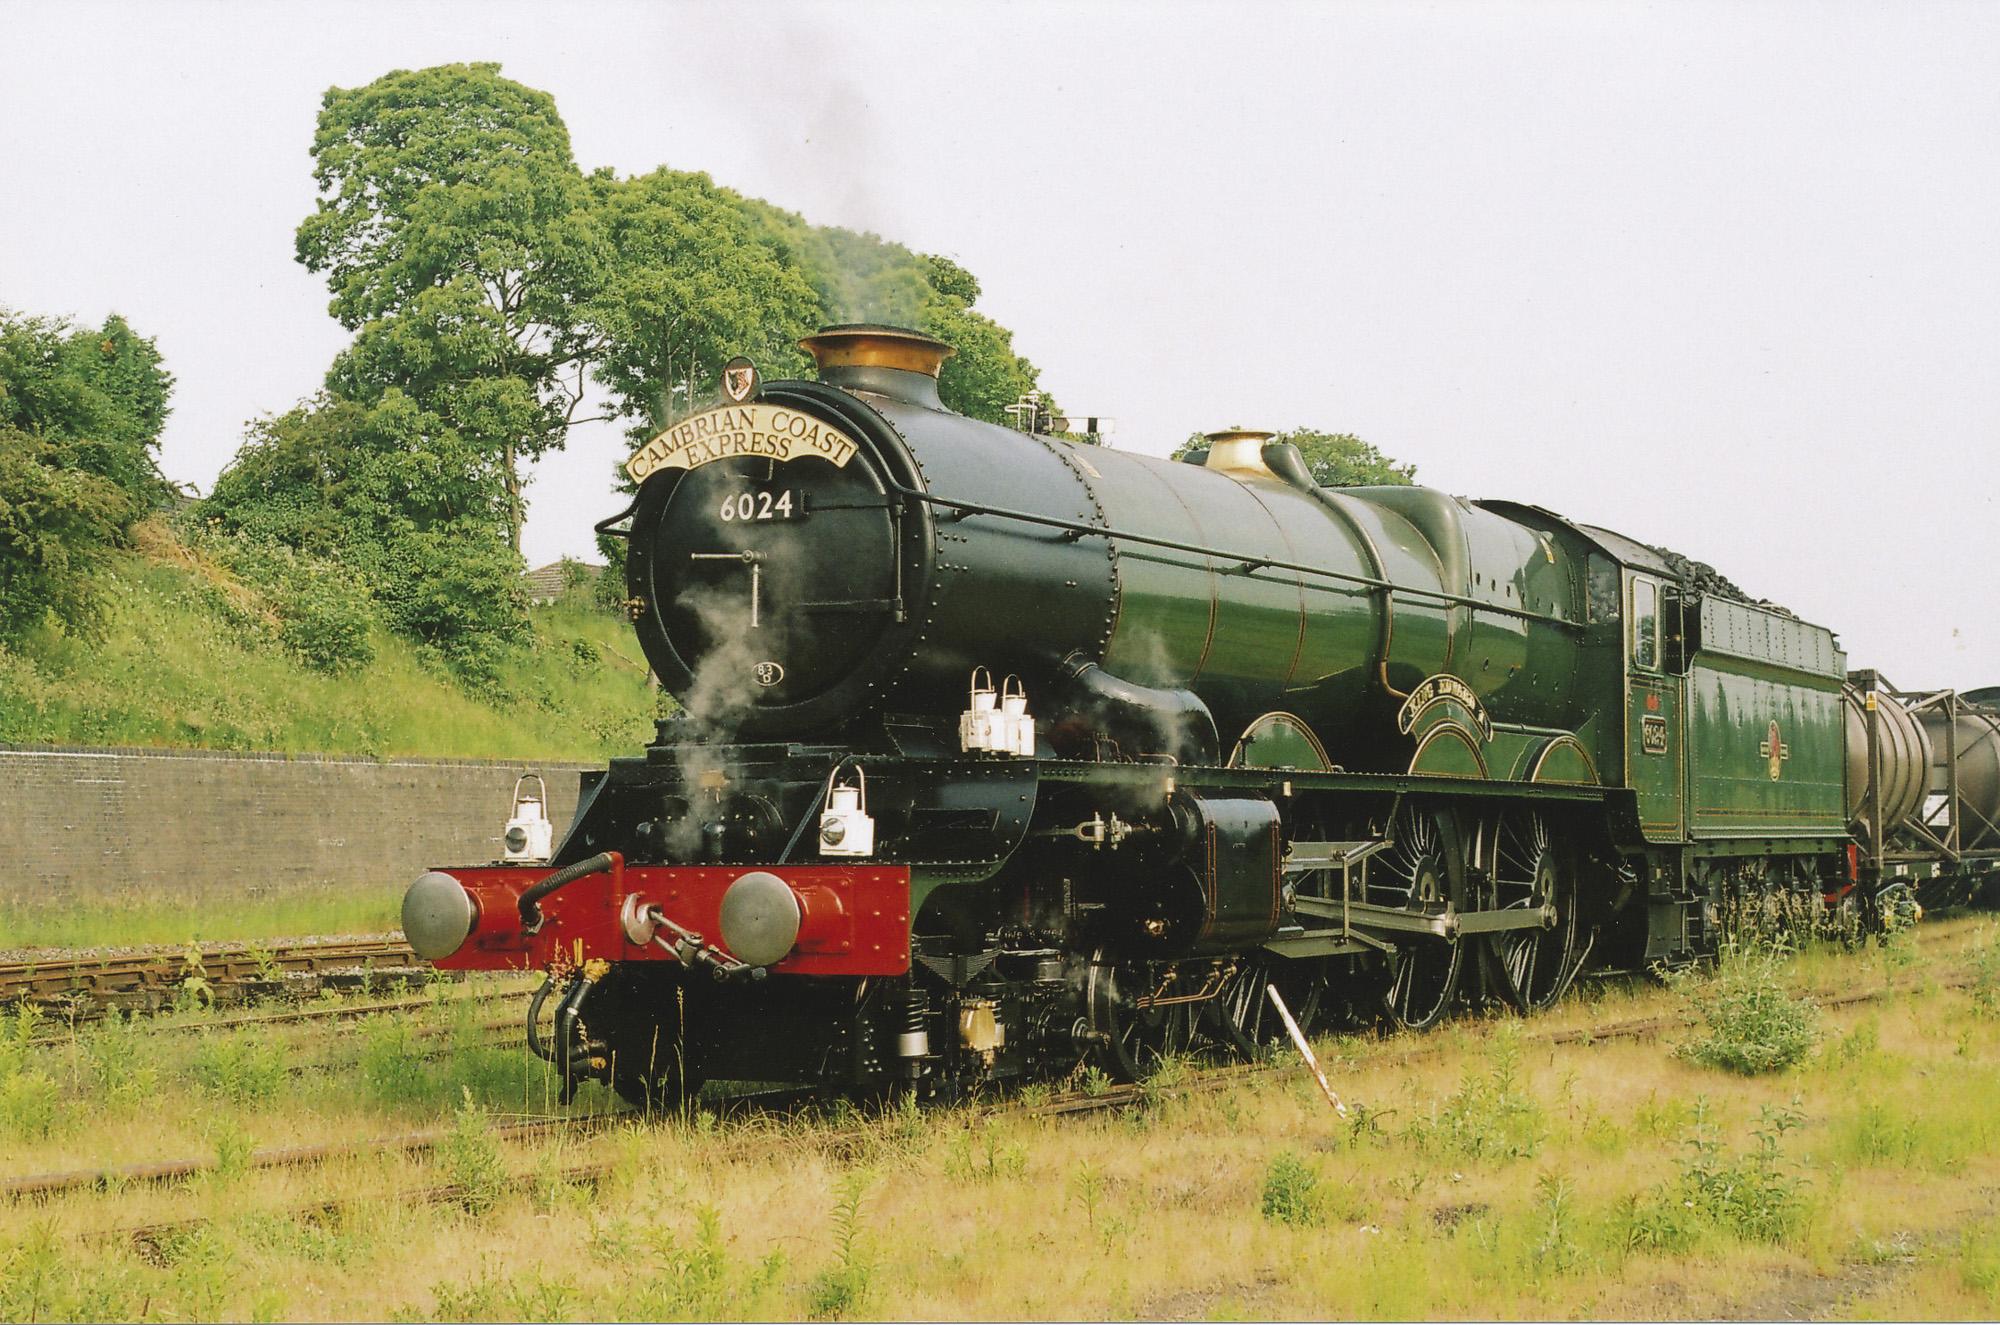 At Shrewsbury. © Bob Robson/6024PS Ltd